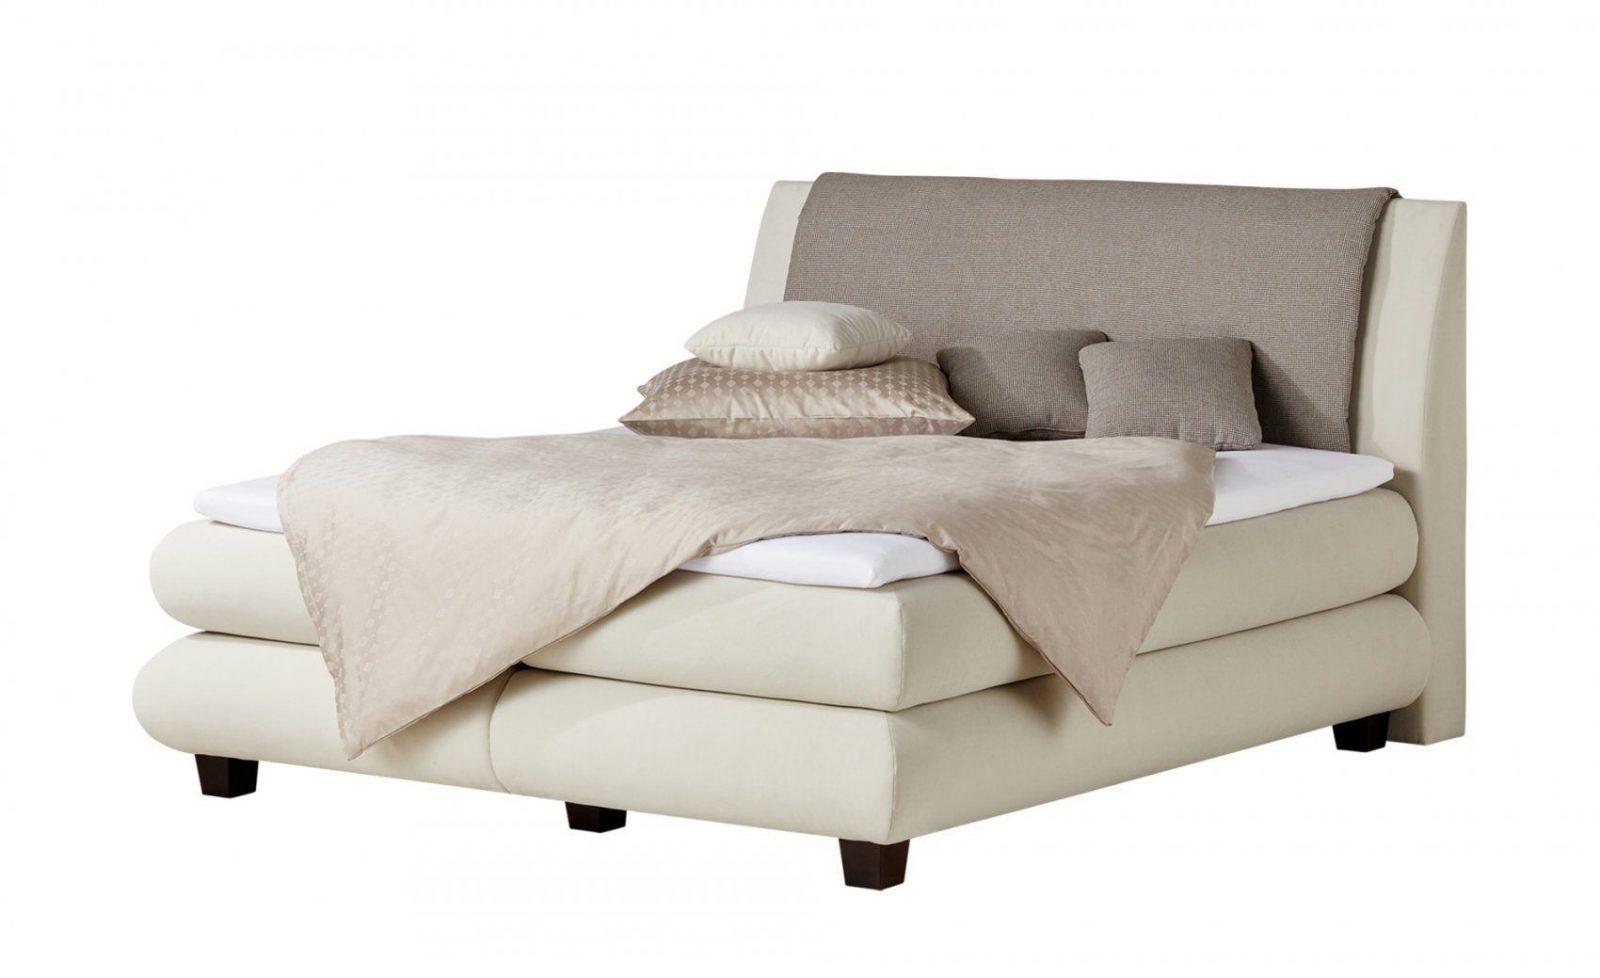 Smart Boxspringbett Premium  Bei Möbel Kraft Online Kaufen von Smart Boxspringbett Luxus Bild